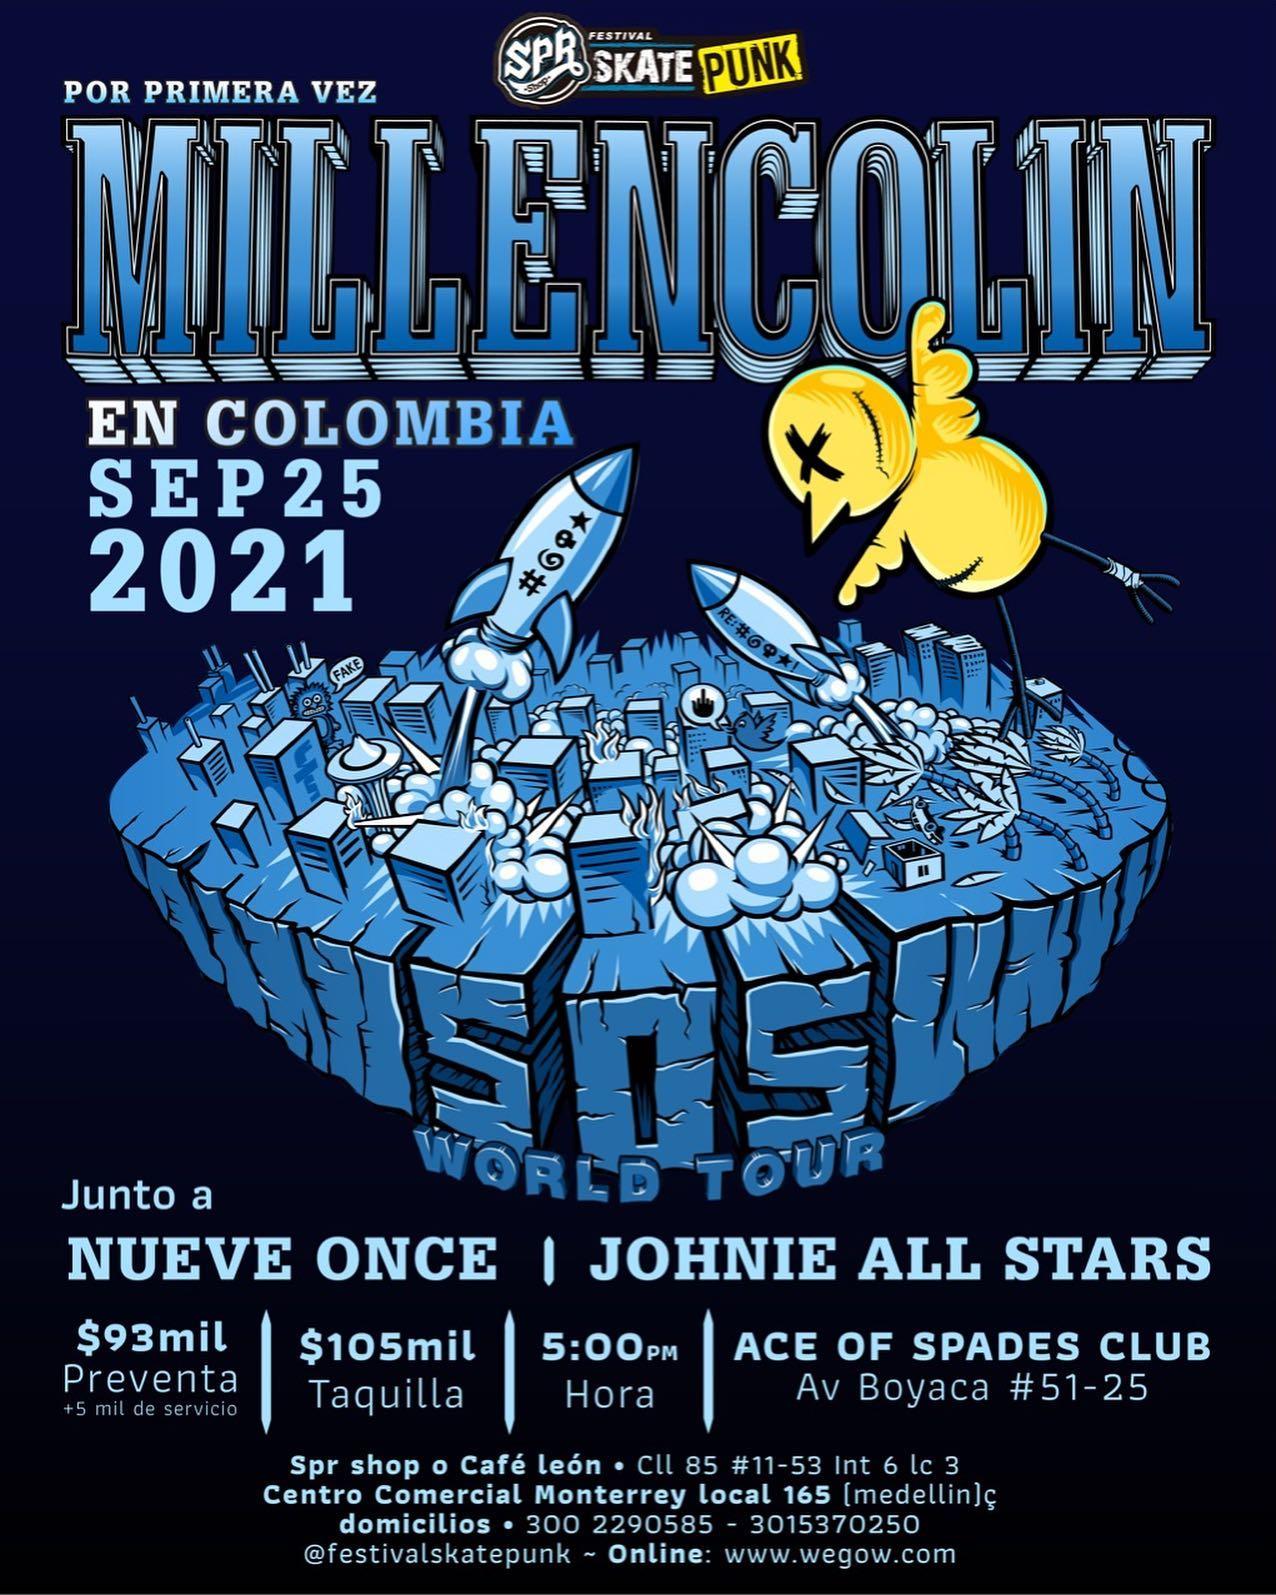 Millencolin en Bogota - Septiembre 25, 2021 con Nueve Once y Johnie All Stars